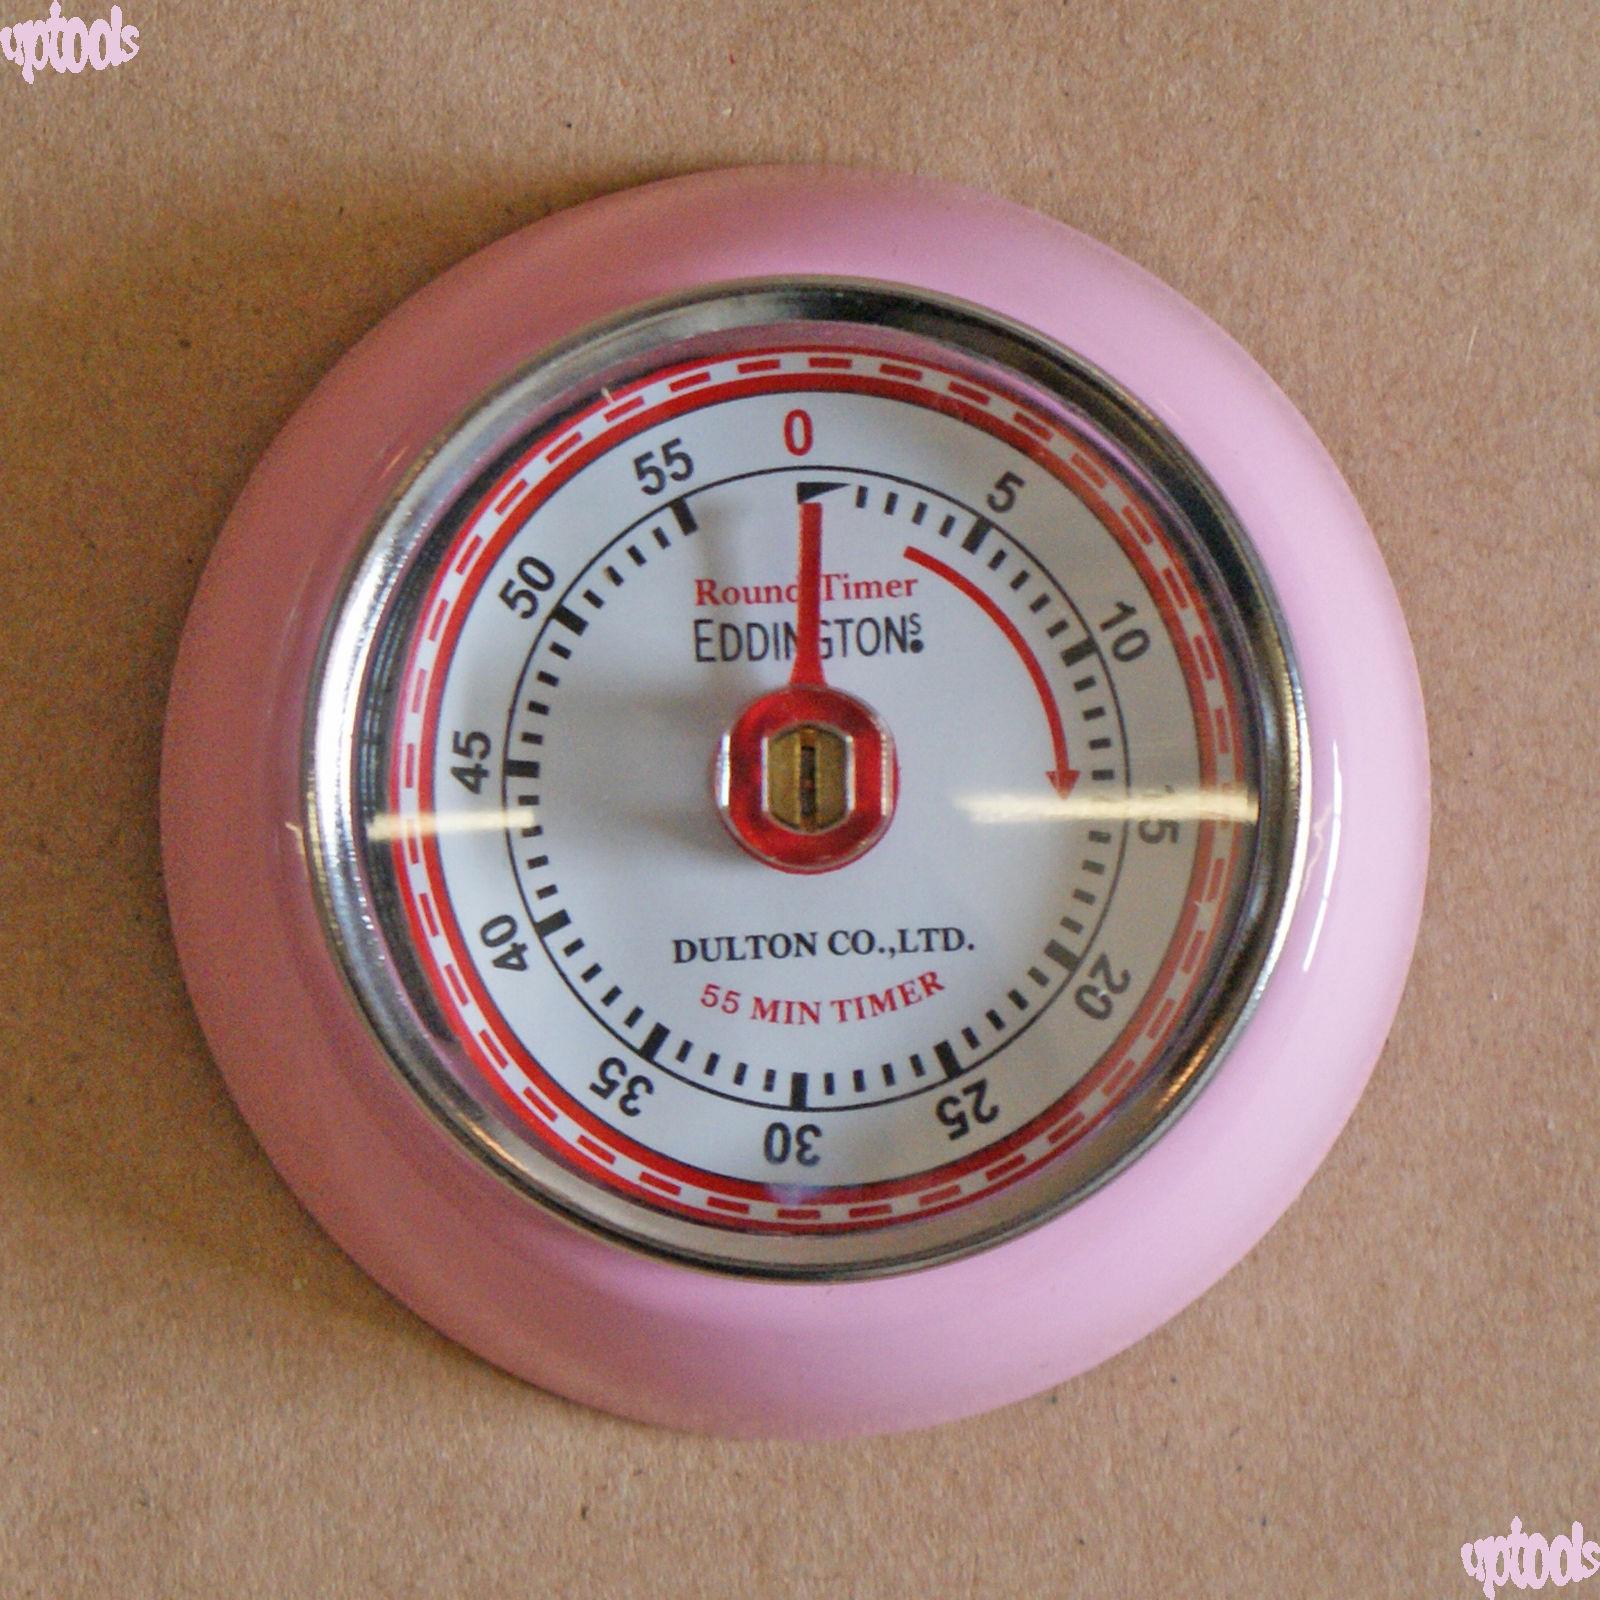 Relaxing Colours Ebay 1 Hour 55 Min Timer 55 Min 30 Sec Timer Eddingtons Retro Magnetic Kitchen Timer houzz 01 55 Min Timer